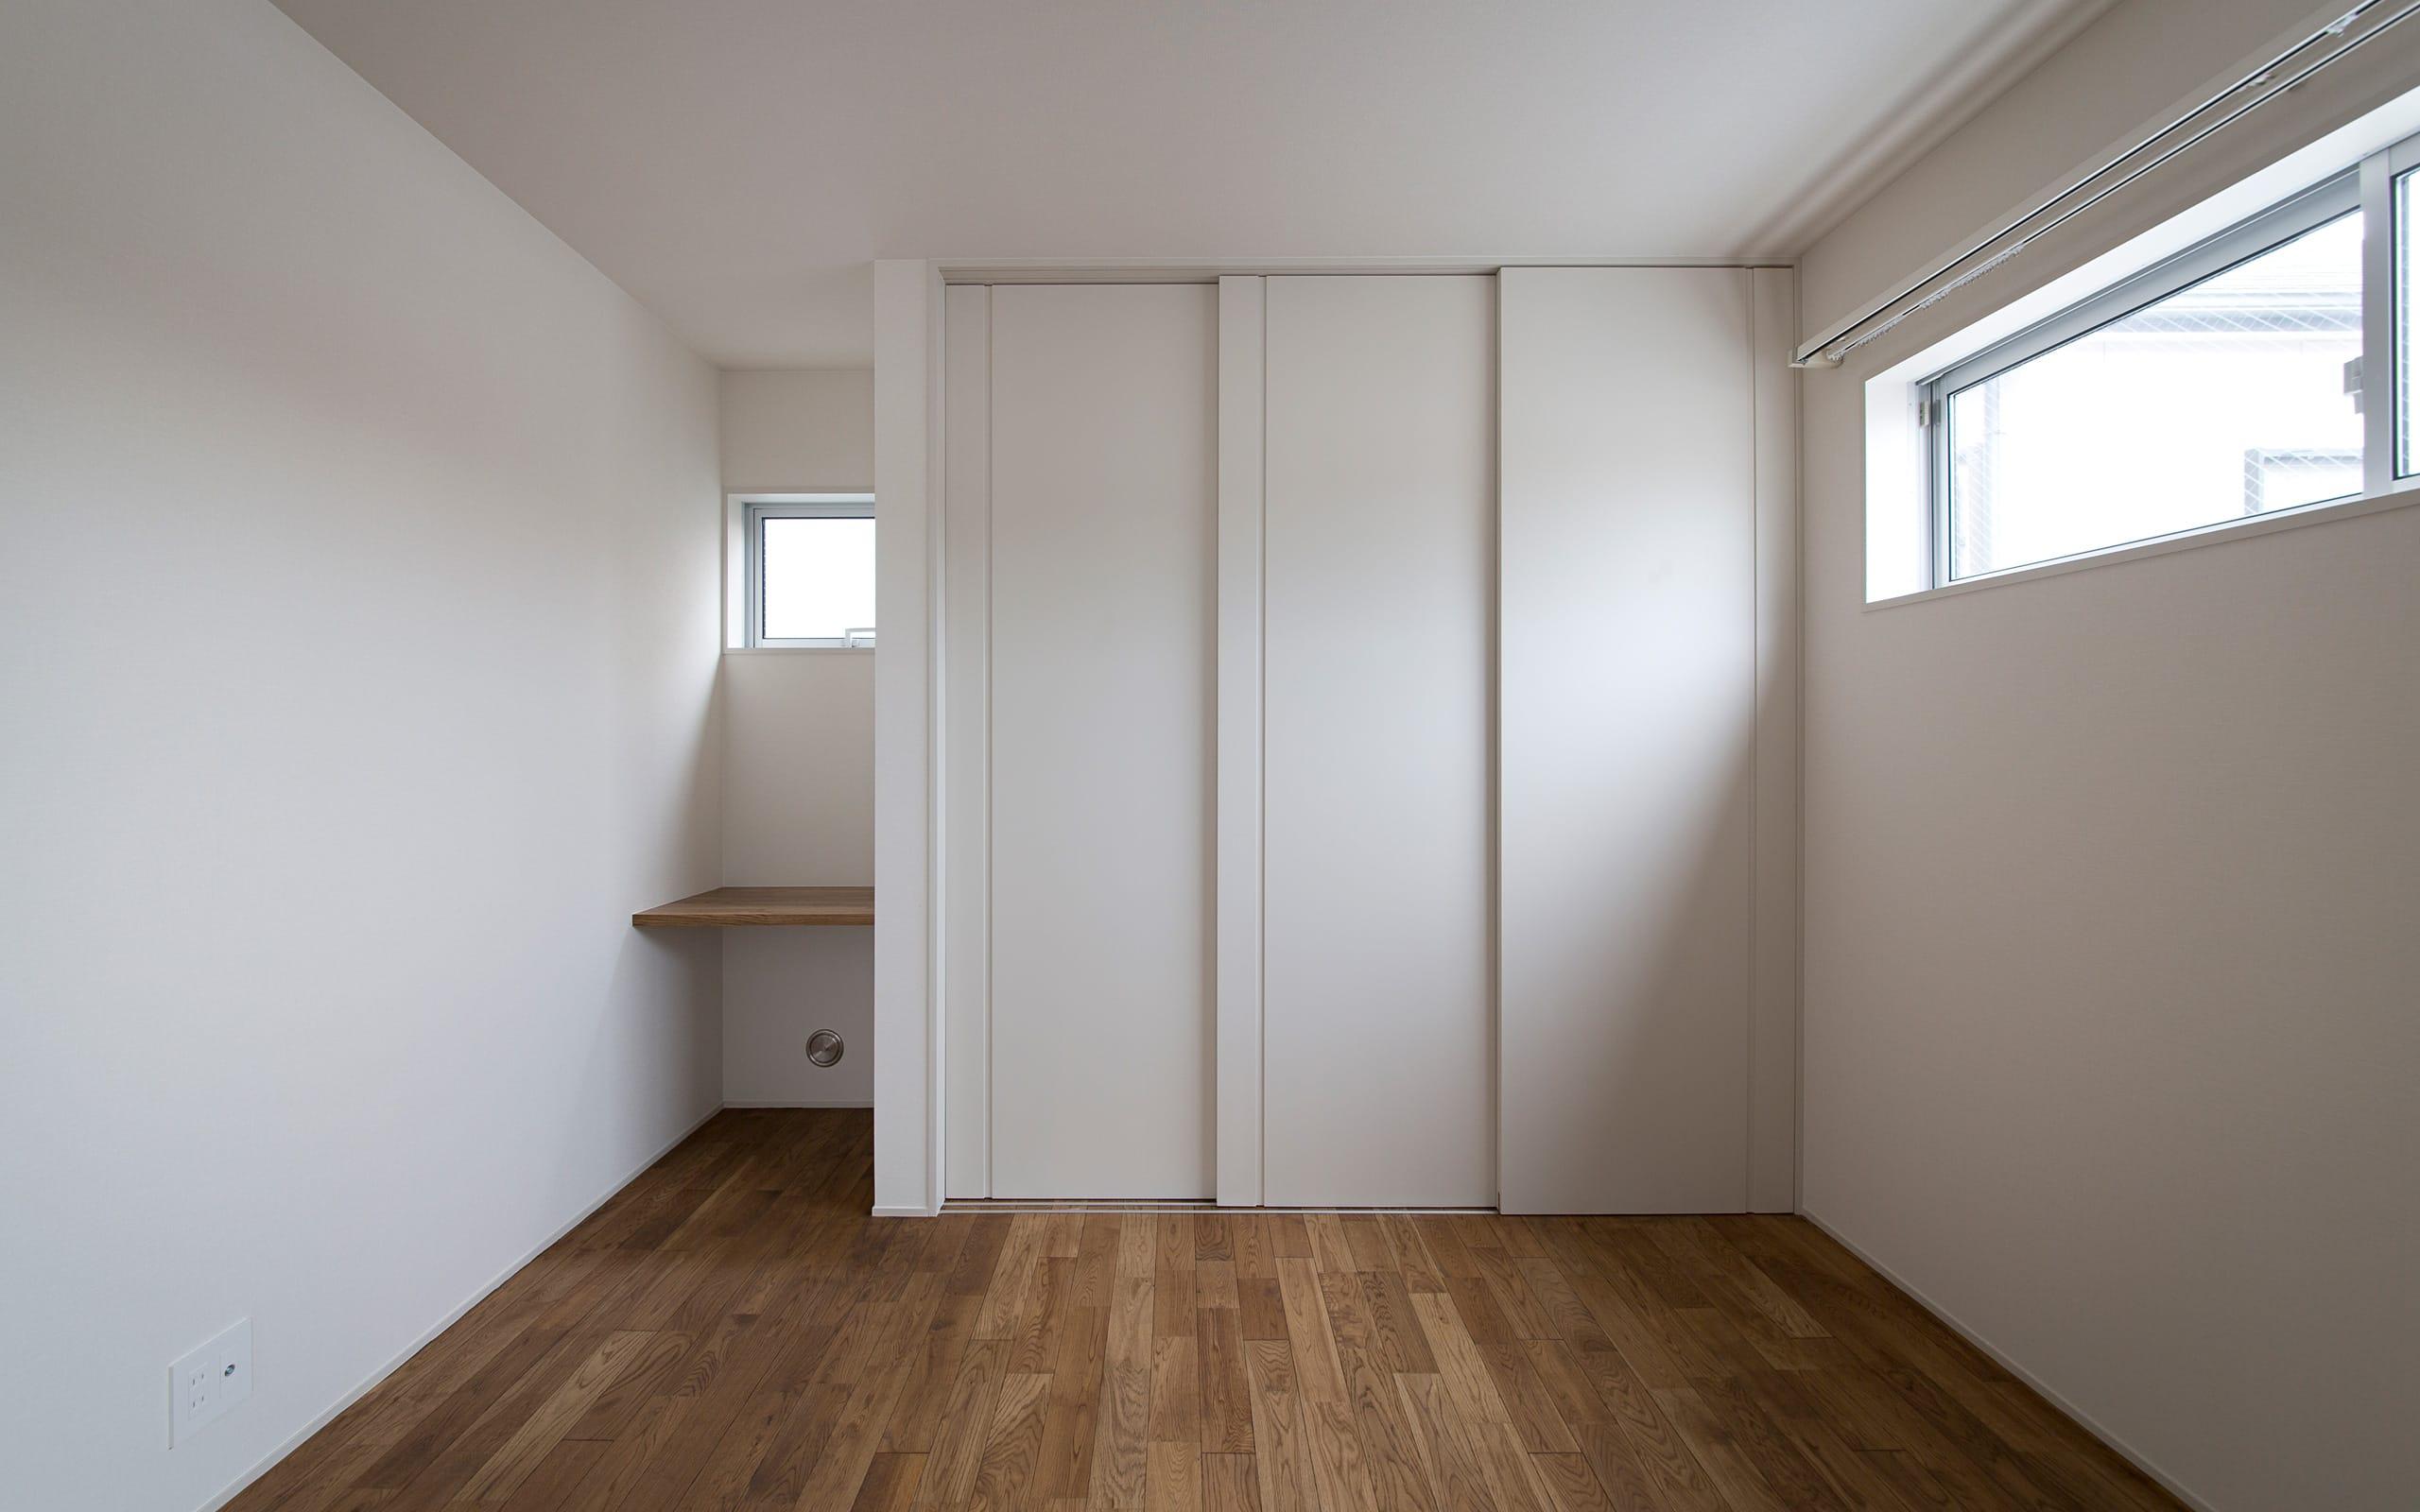 吹抜けリビングのある住宅の部屋1